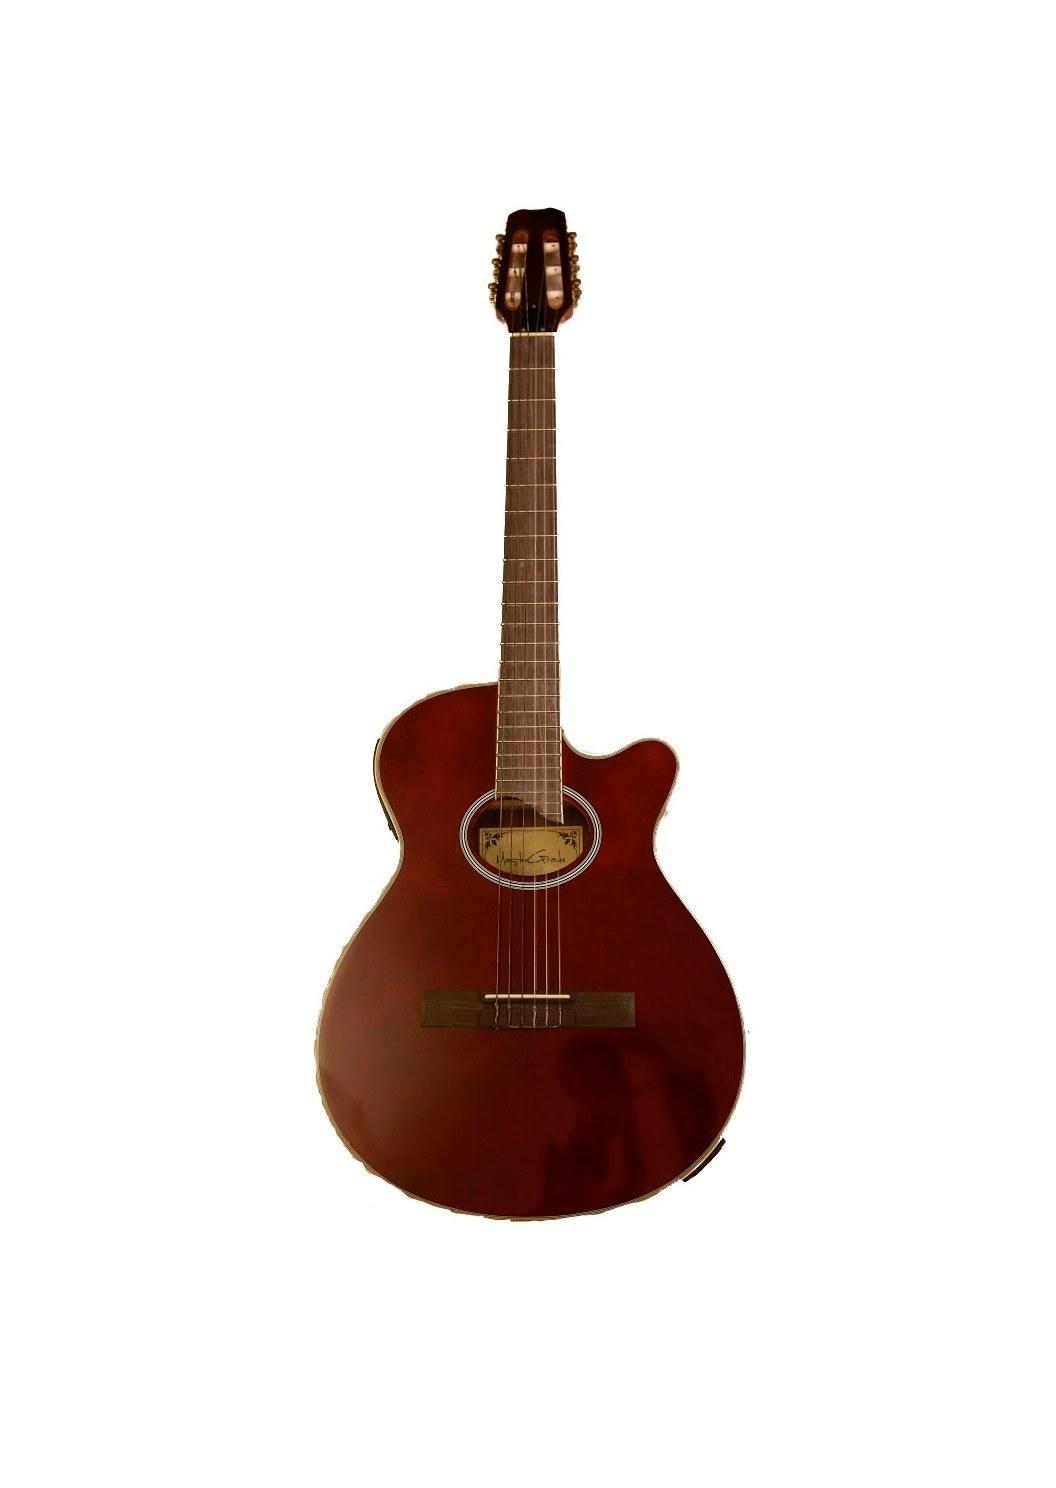 عکس گیتار MasterGrade مدل ۲۰۹  گیتار-mastergrade-مدل-209